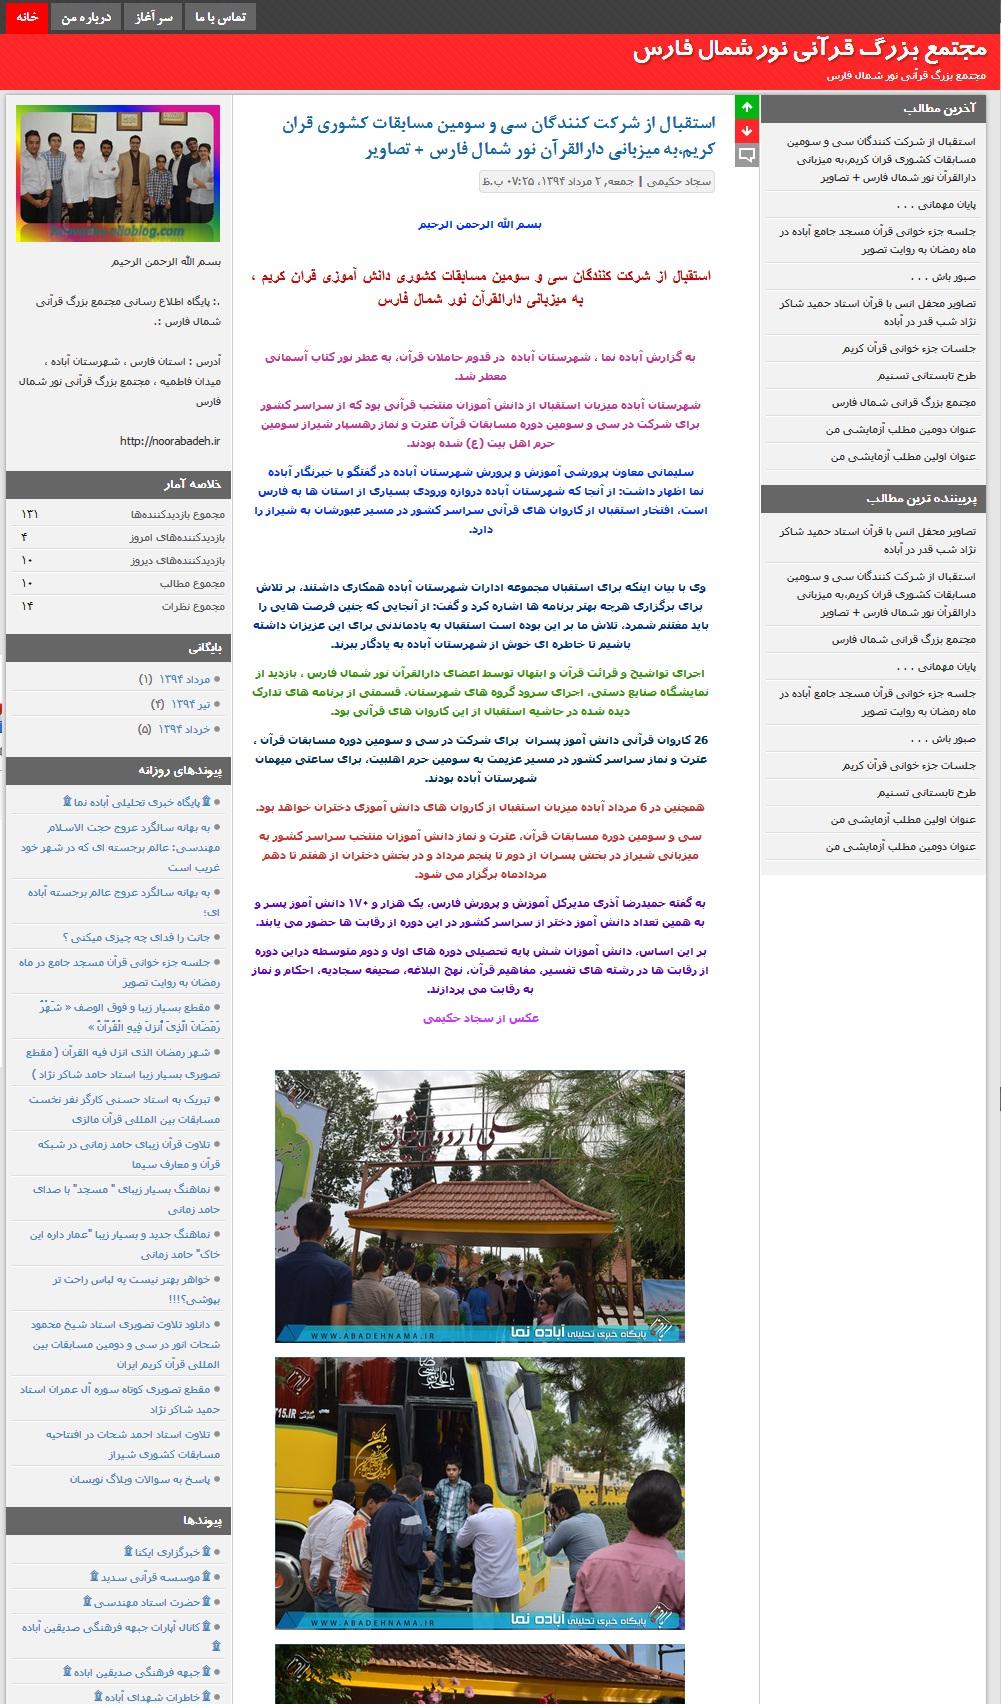 سایت مجتمع بزرگ قرآنی نور شمال فارس